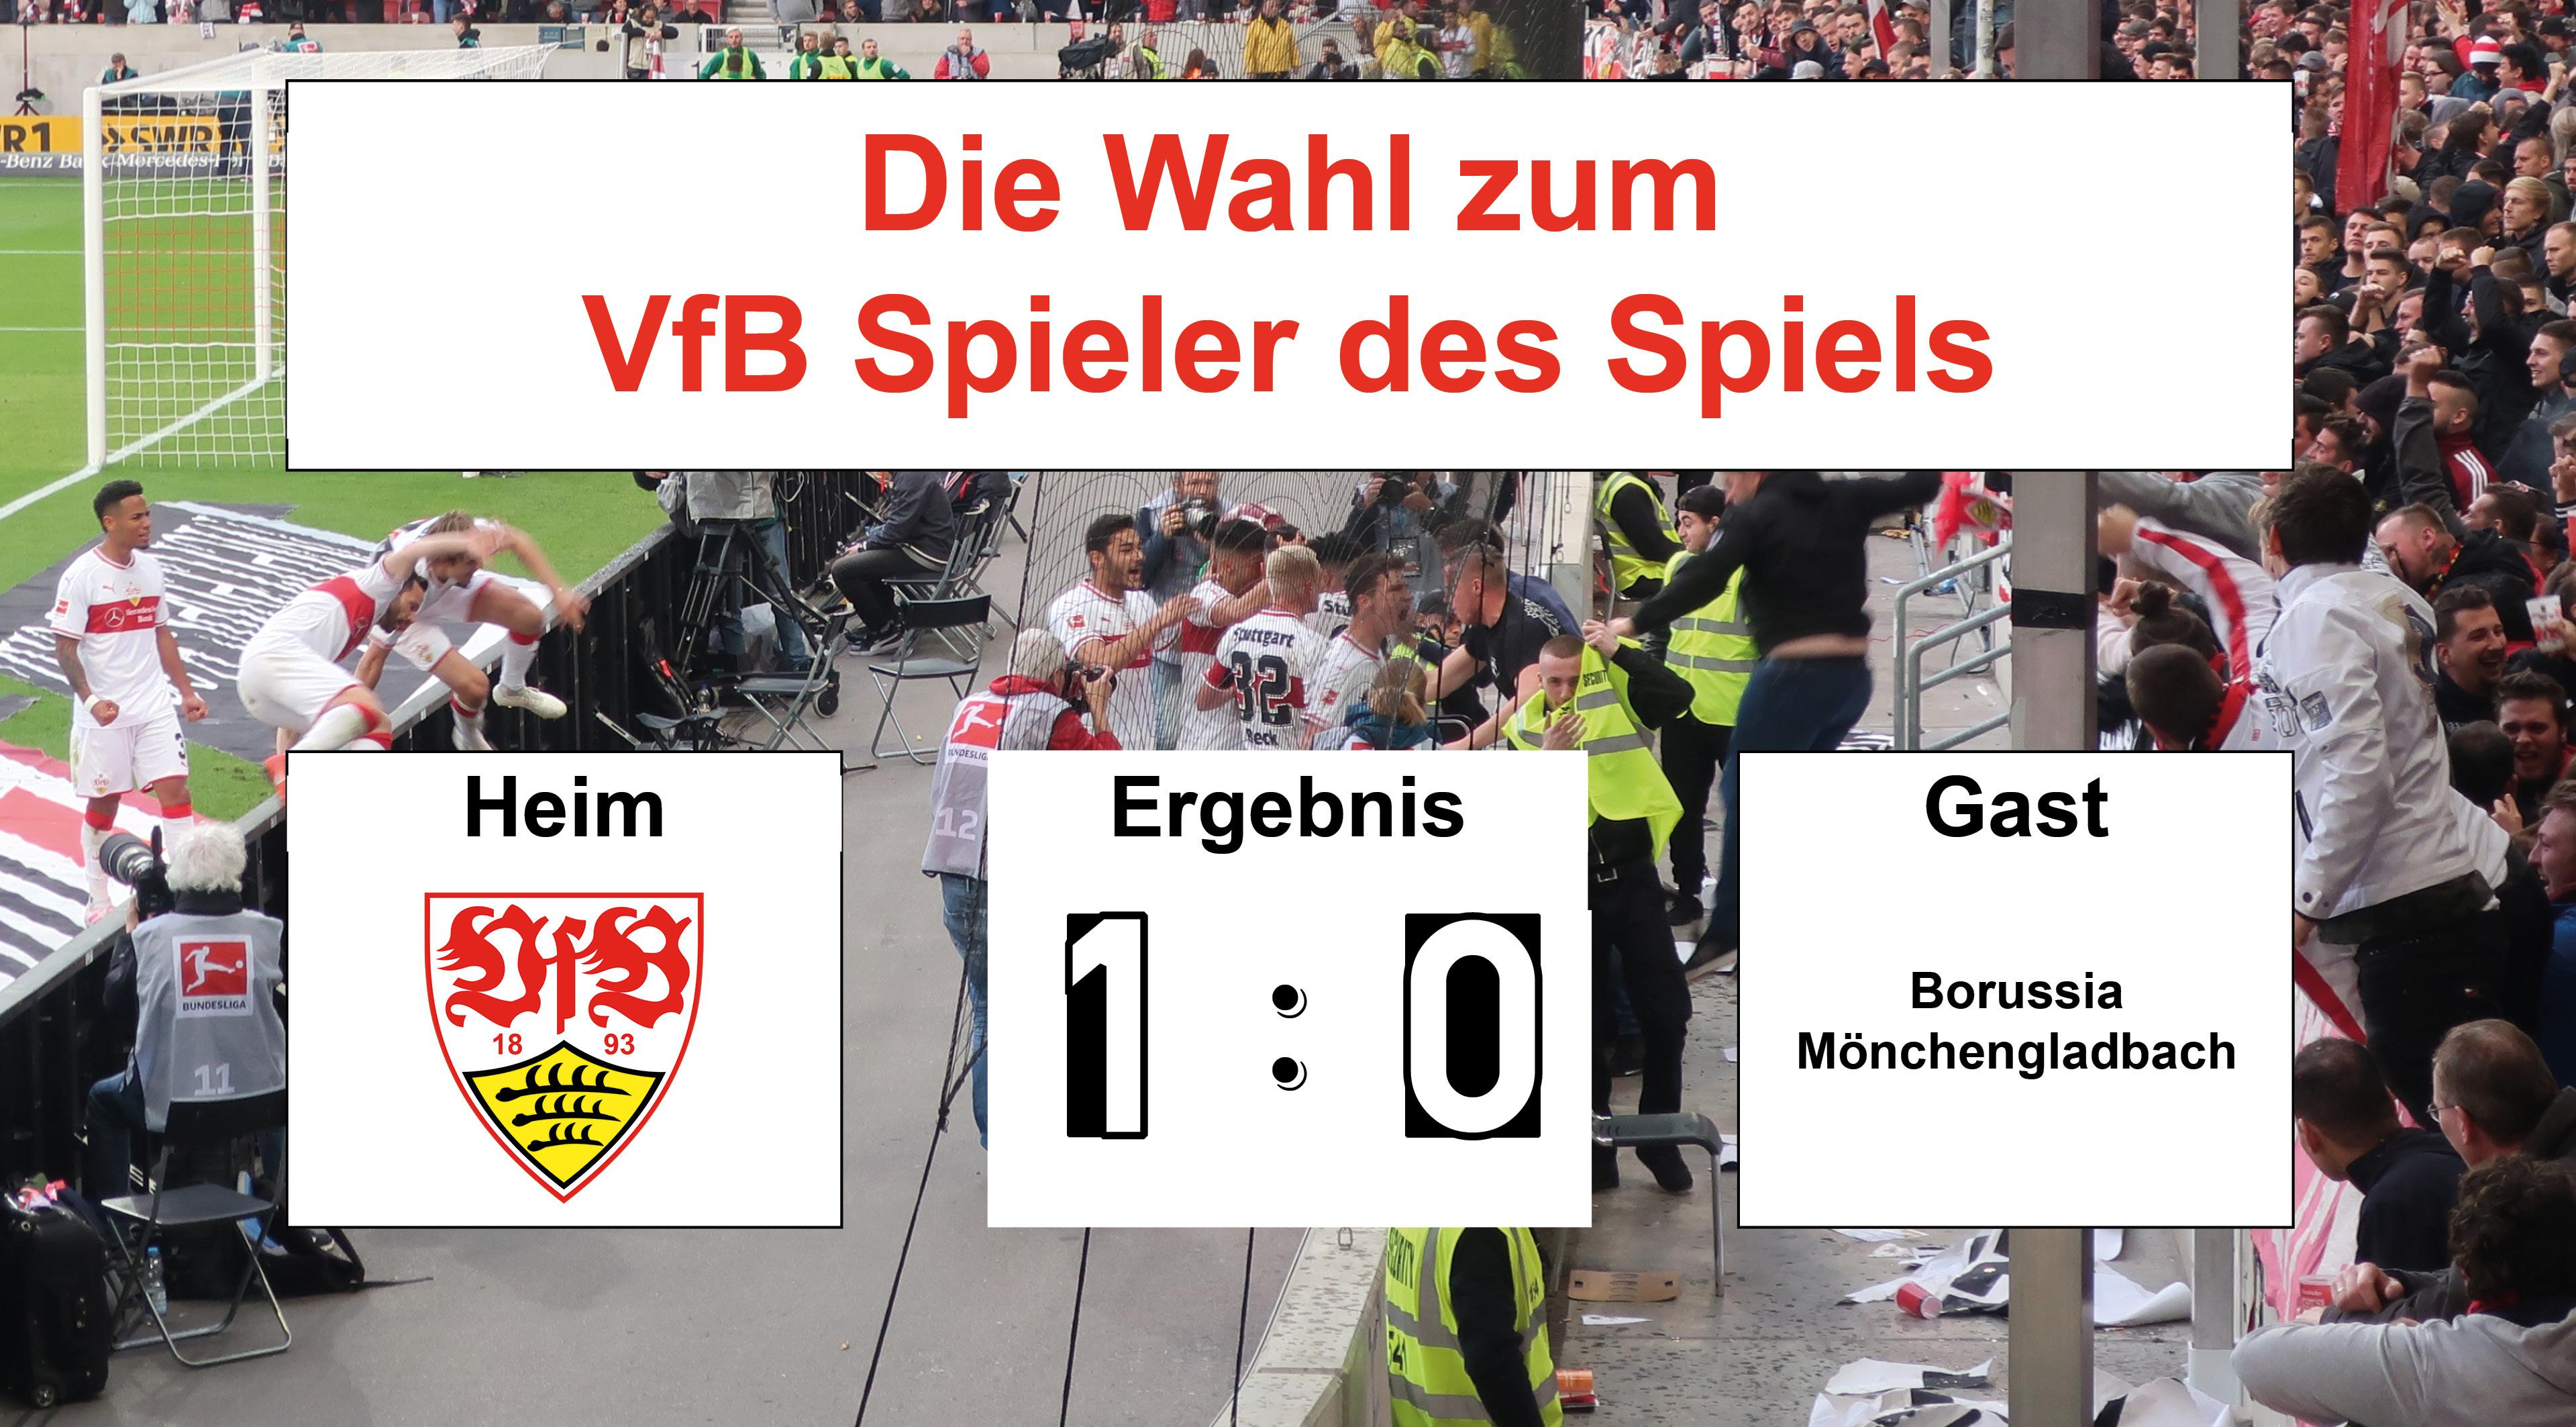 Wahl zum VfB Spieler des Spiels #VfBBMG   27.04.2019